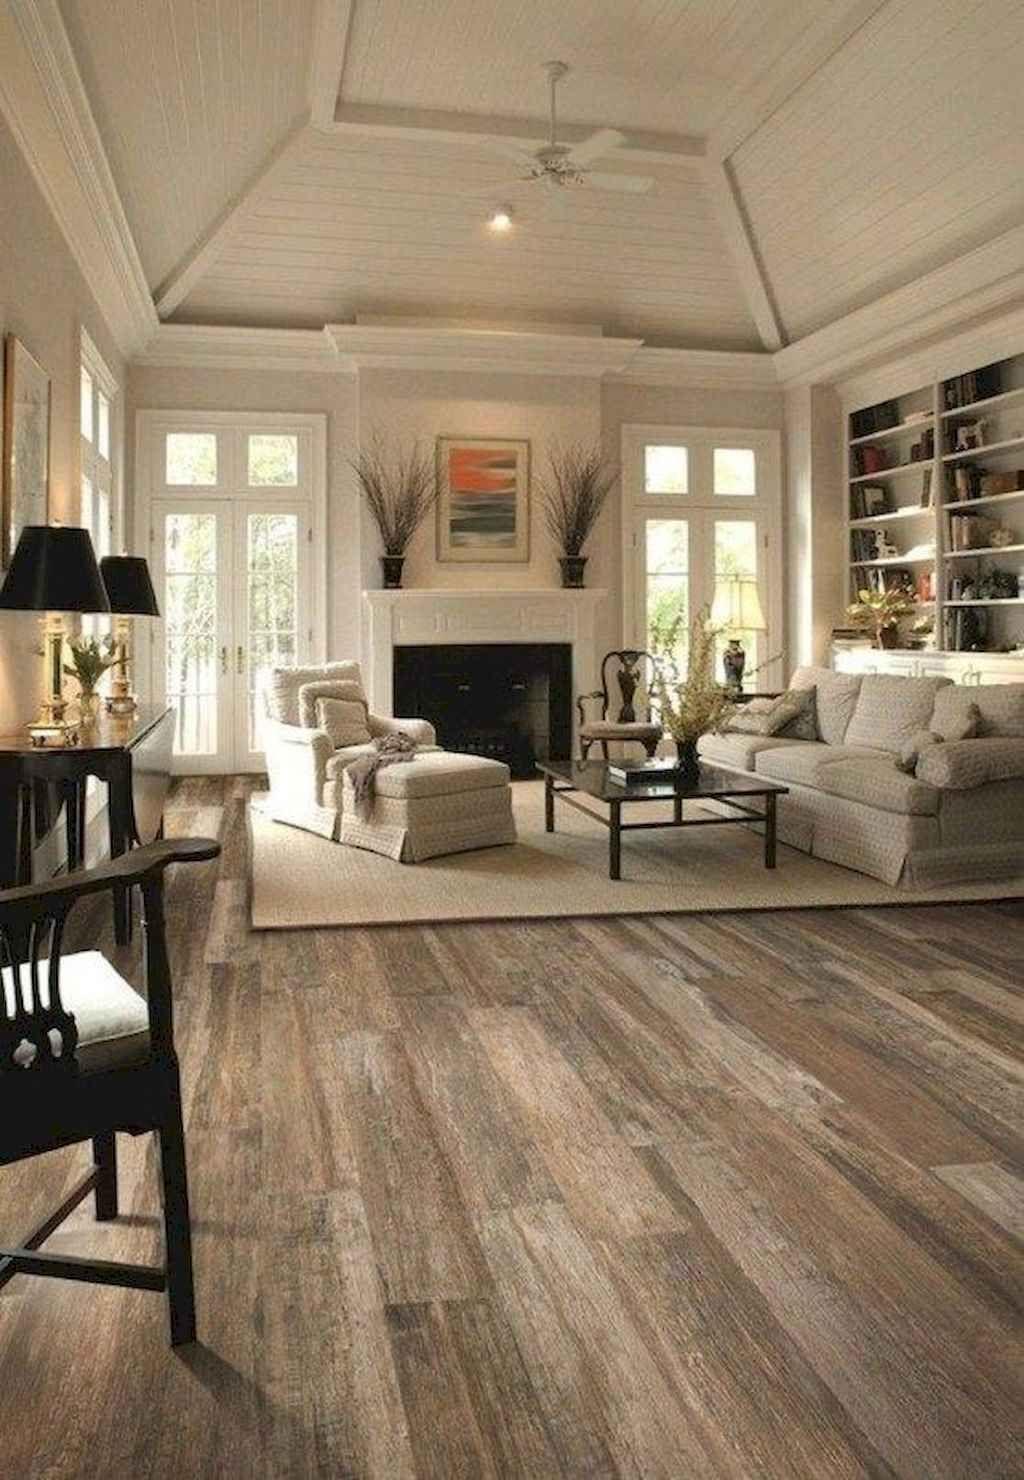 60 Cozy Farmhouse Living Room Makeover Decor Ideas images